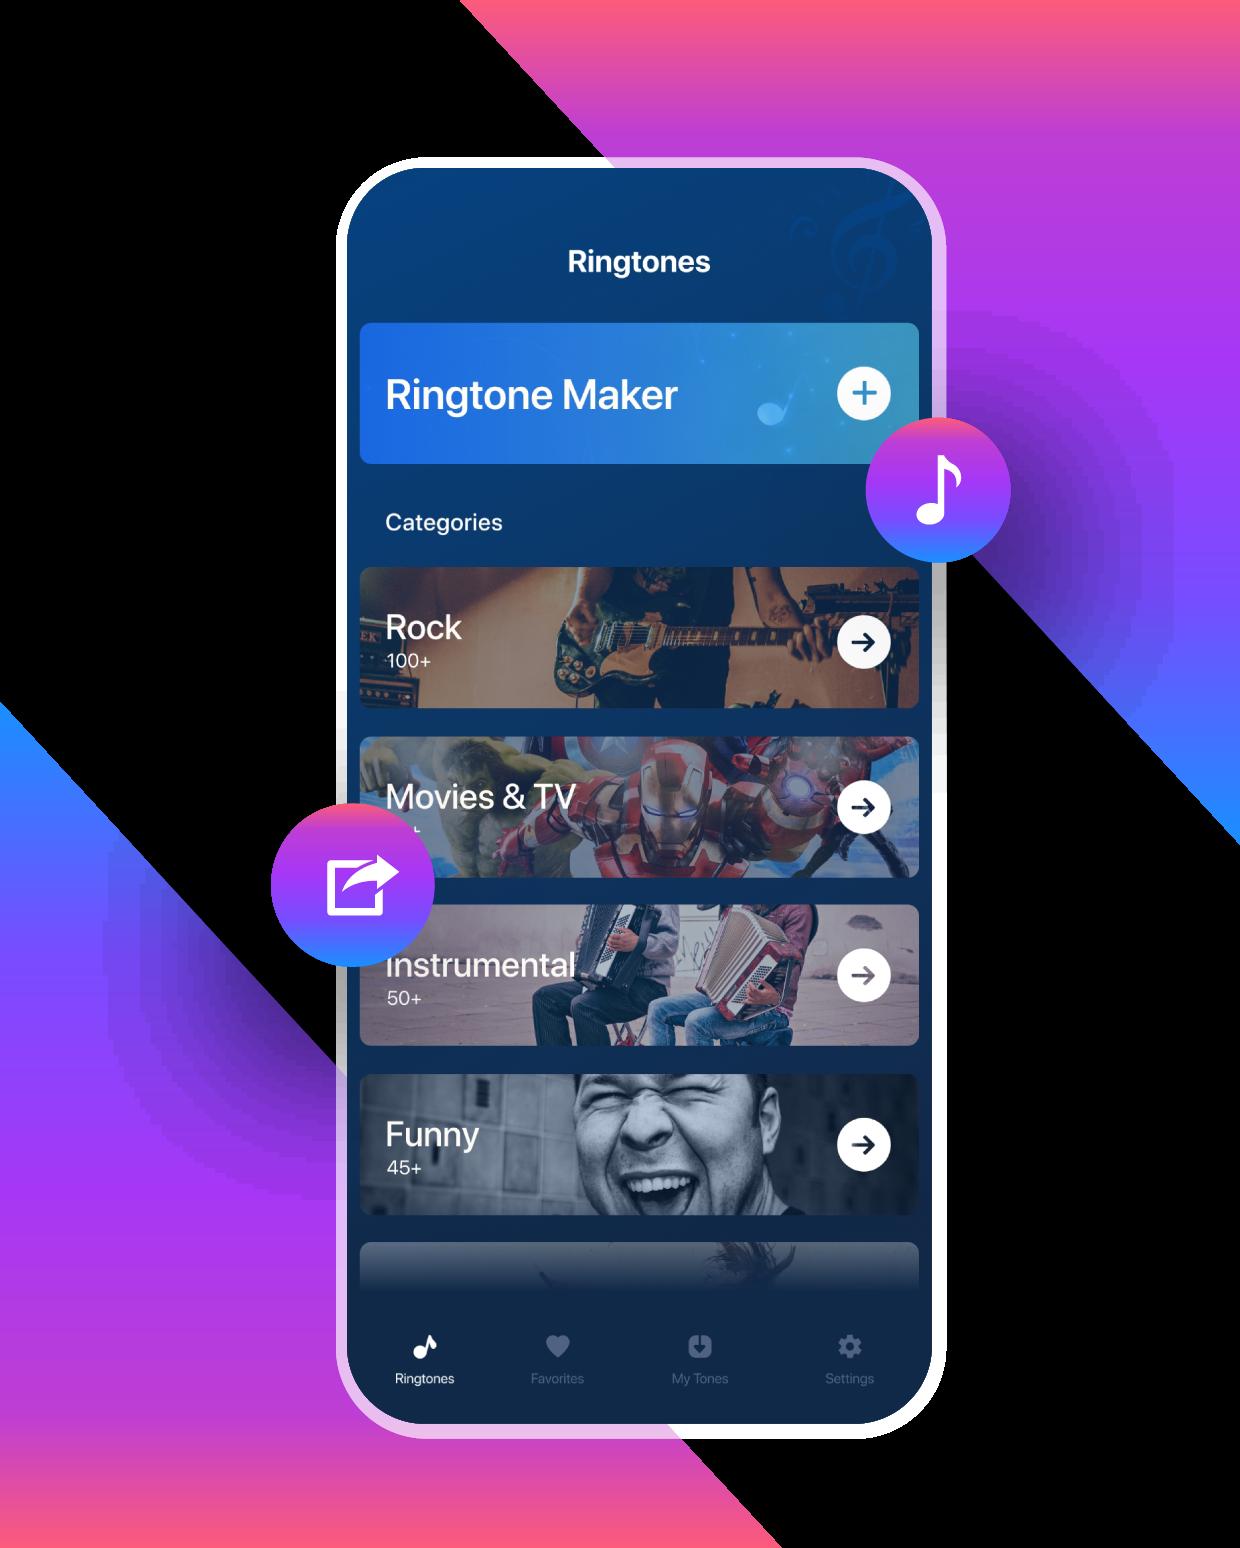 Ringtone Maker App Premium Features